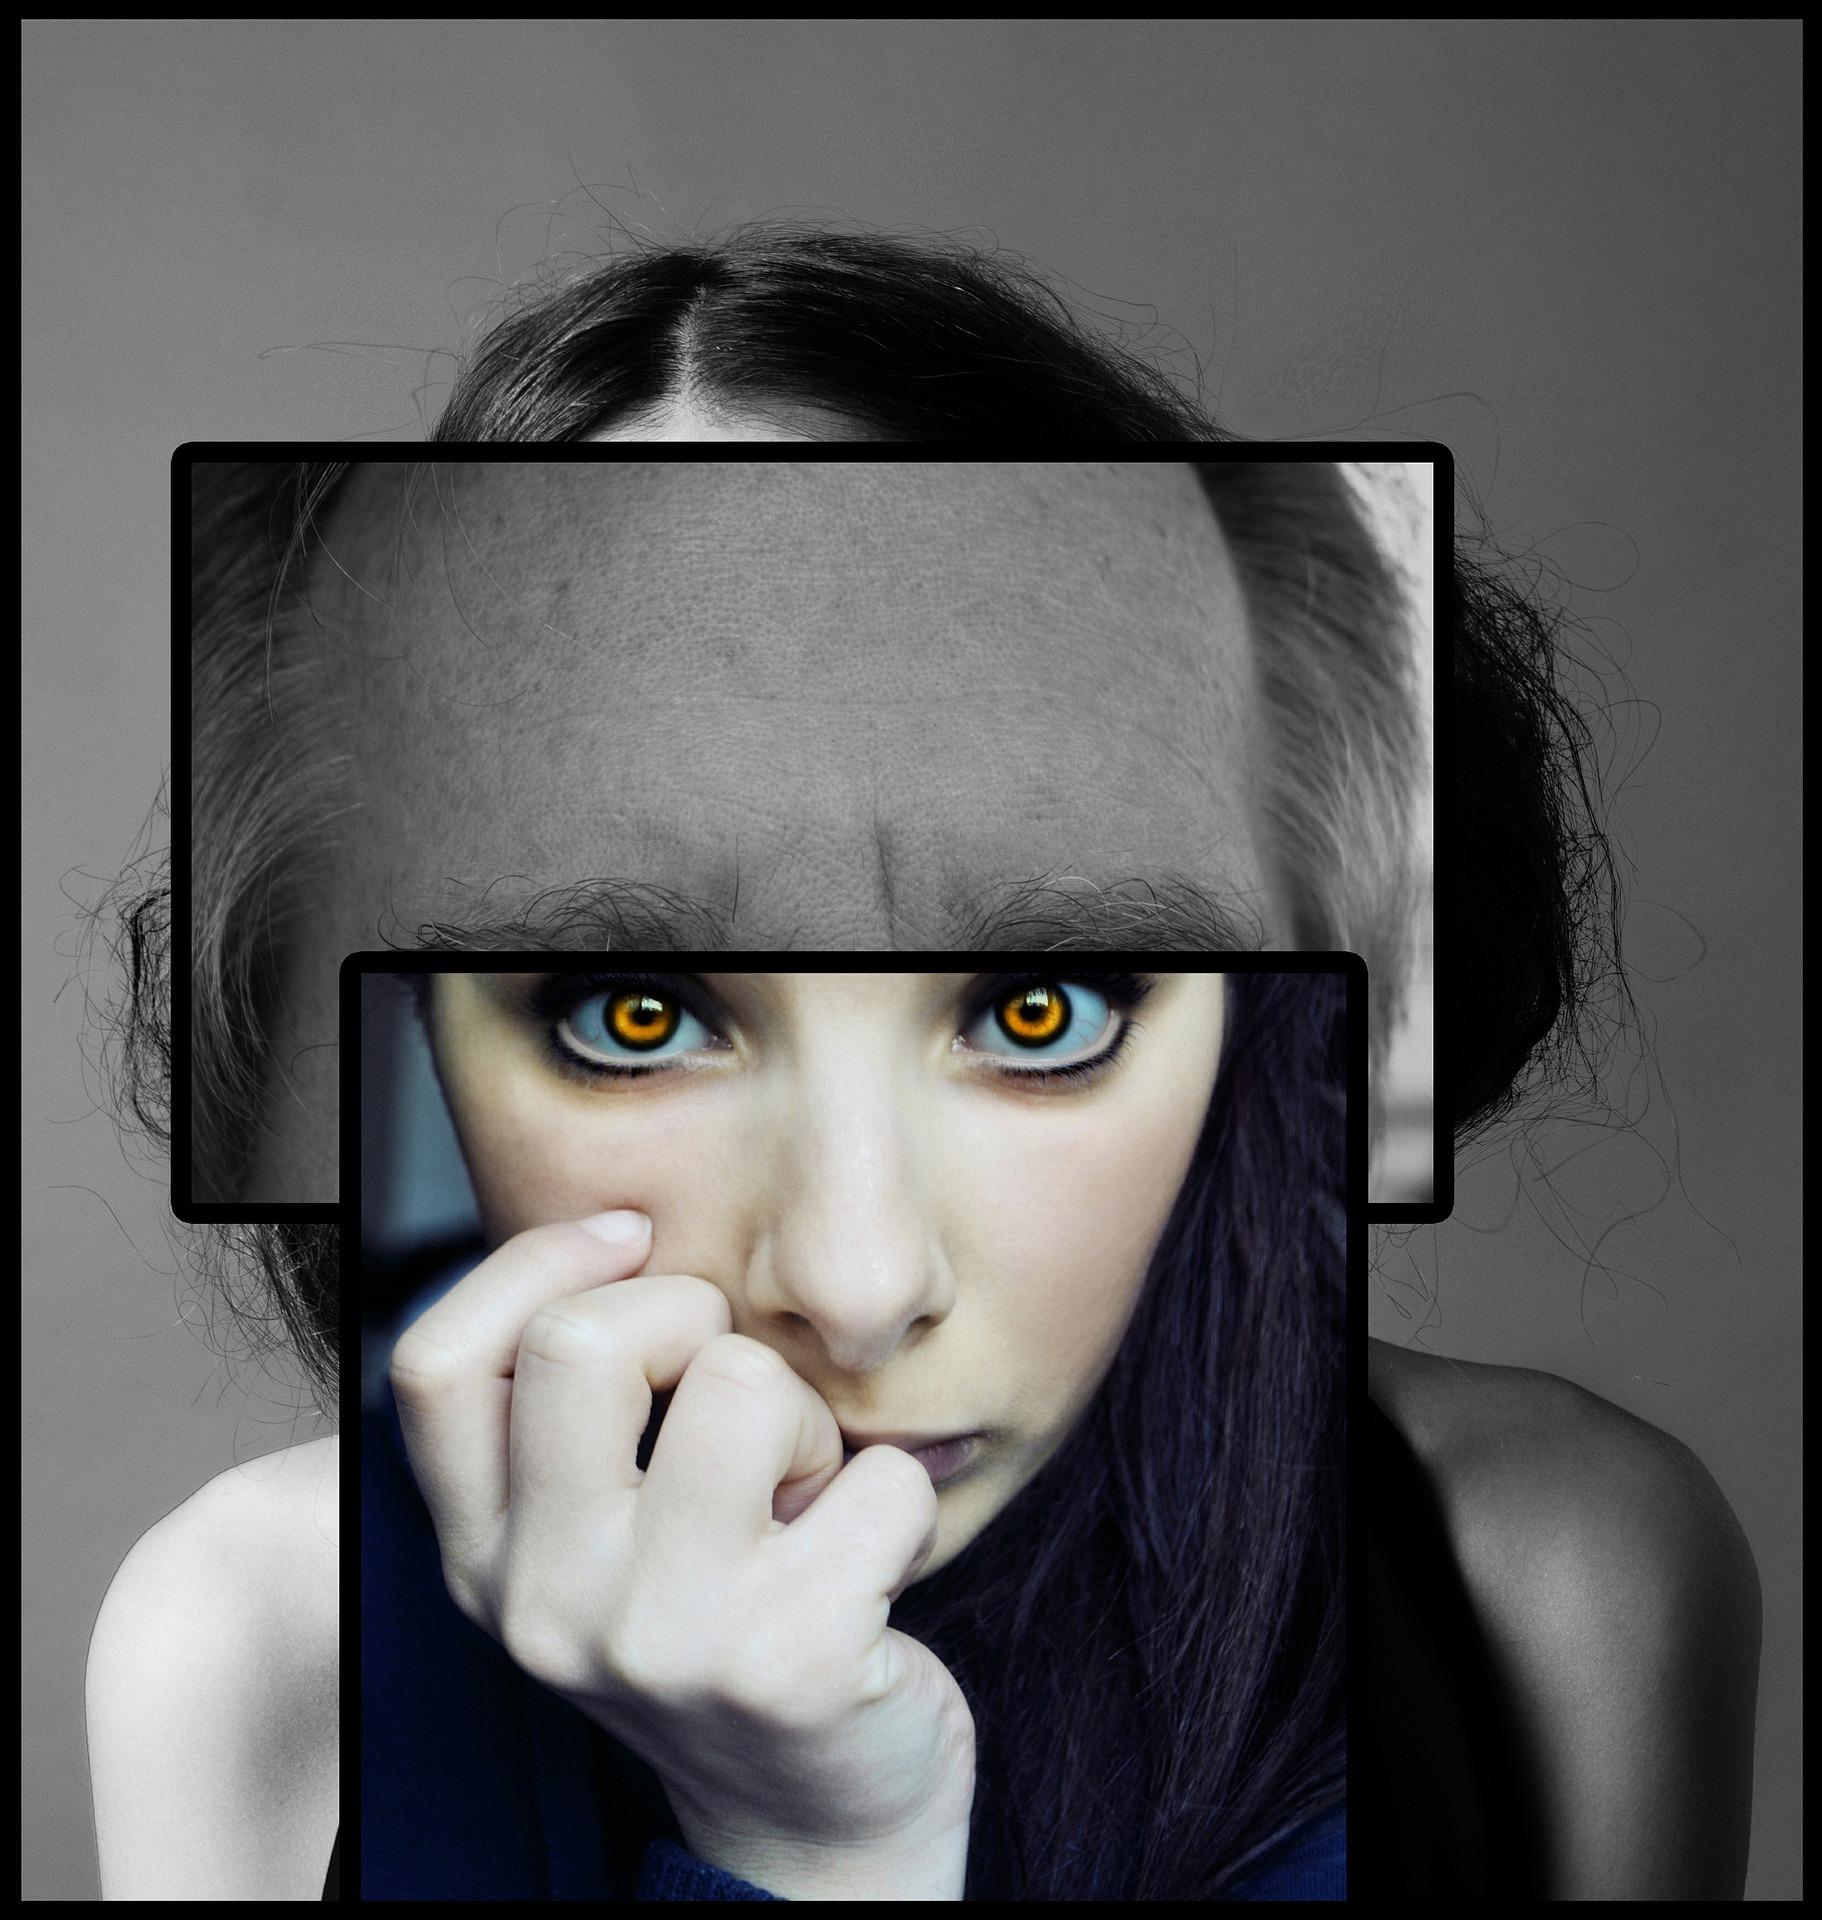 overprikkeling bij psychiatrische problematiek